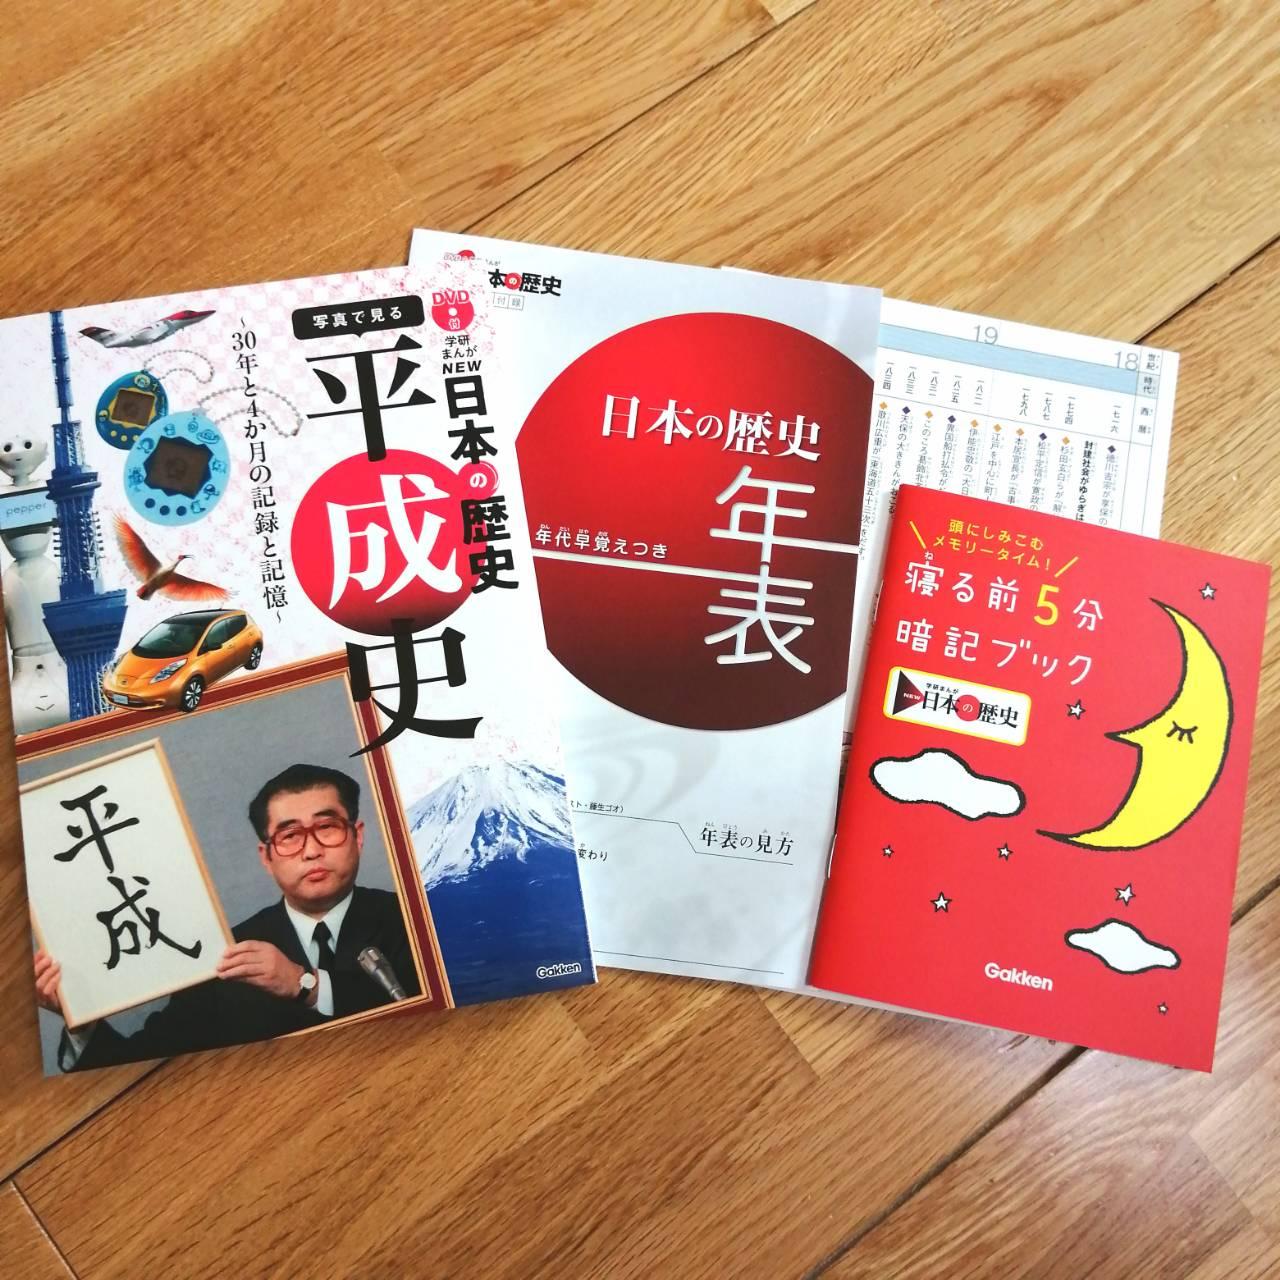 学研日本の歴史全巻セット初回限定盤5大特典の内容